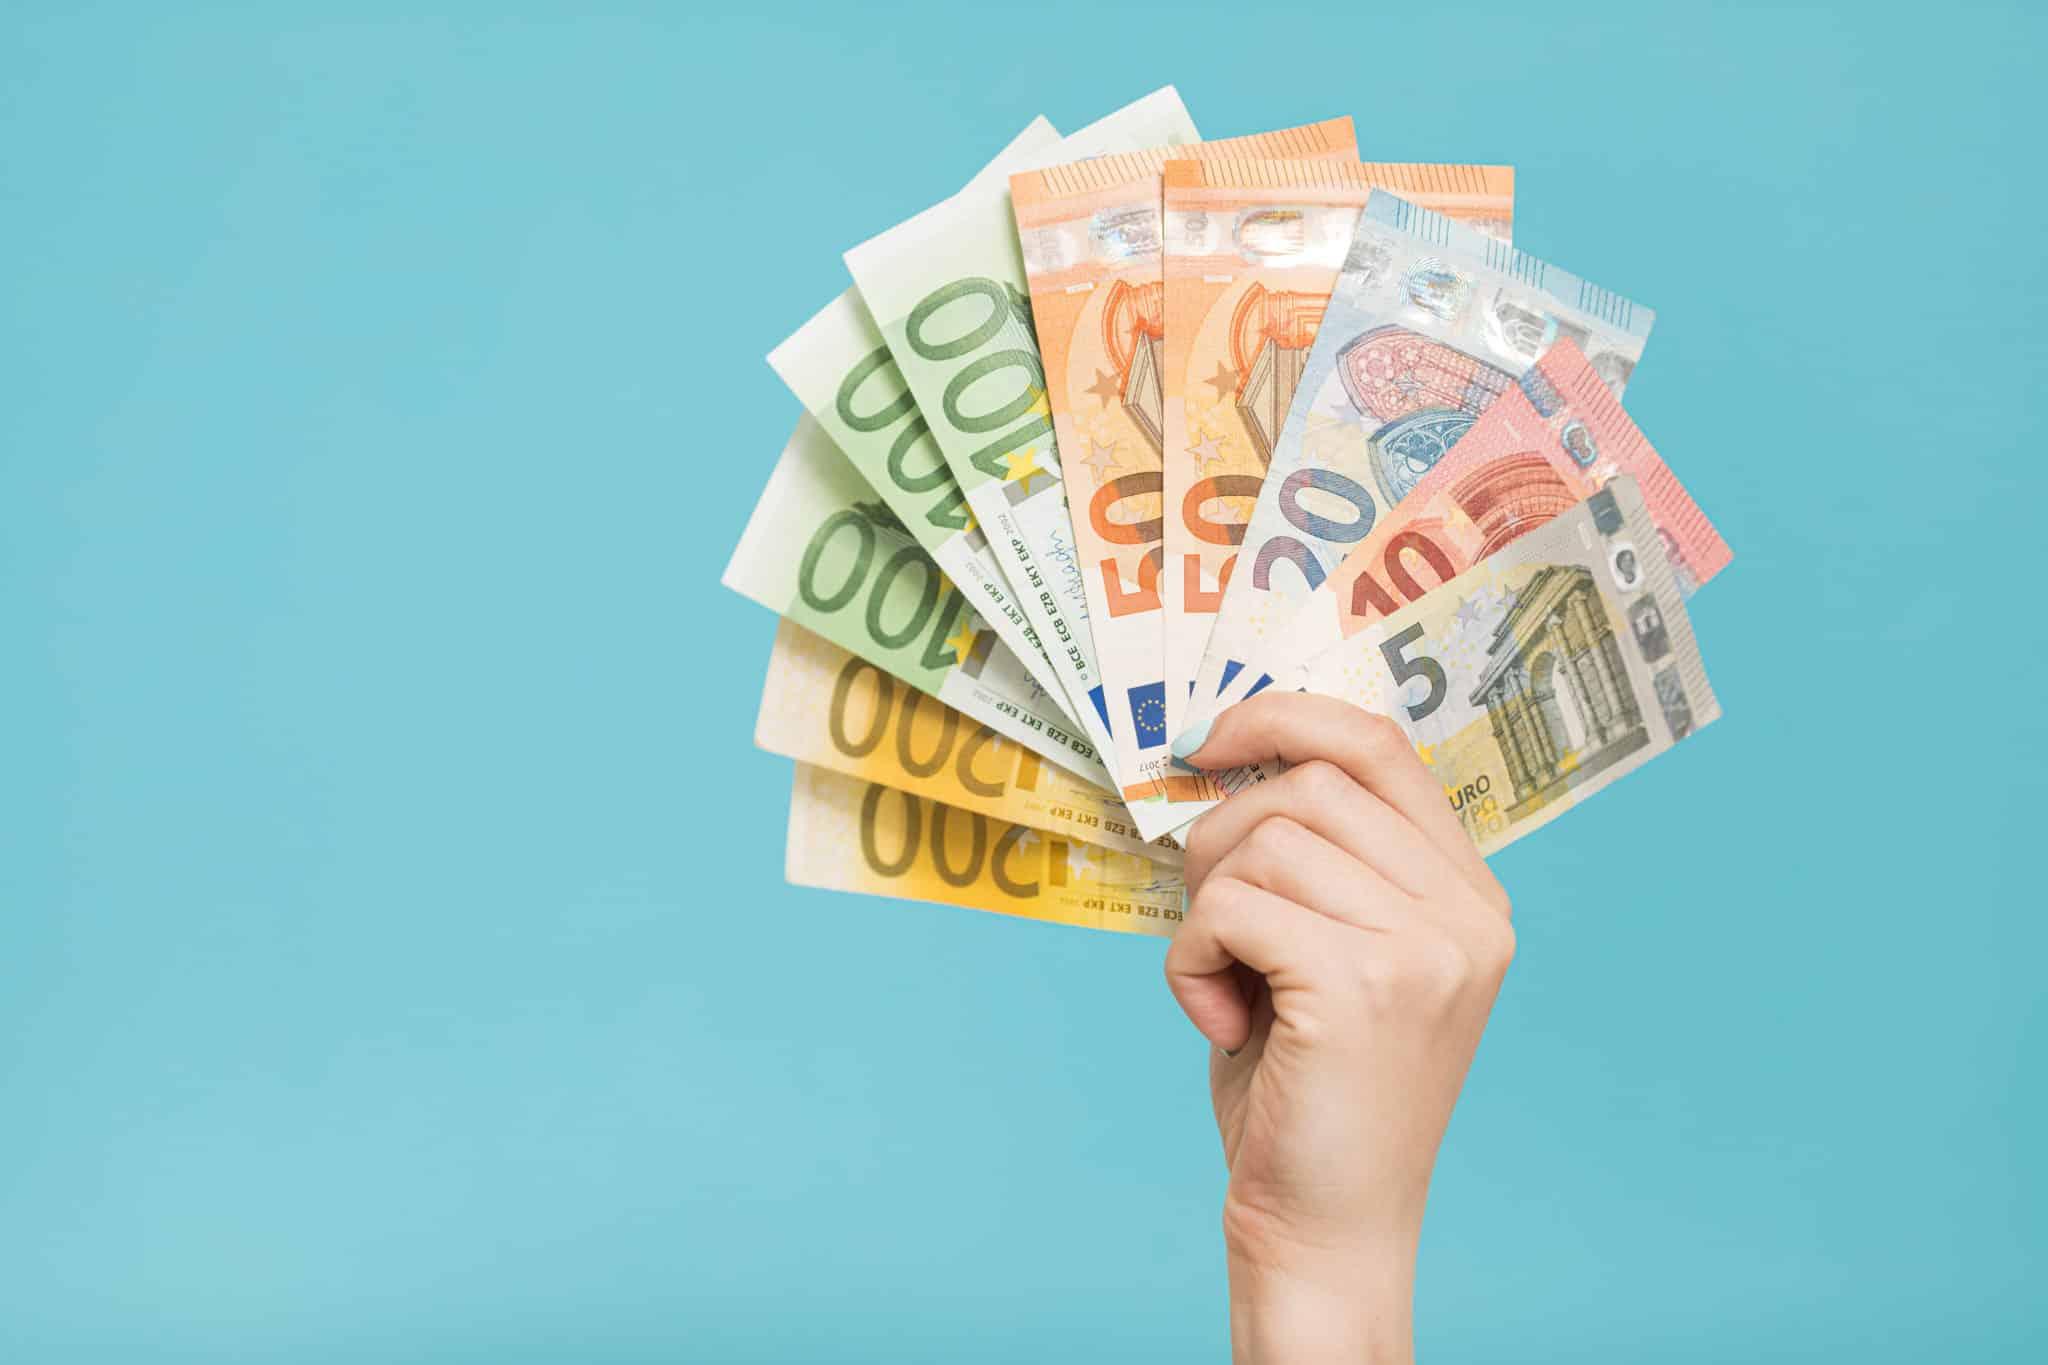 Lorsque le bien loué change de propriétaire, qui doit restituer le dépôt de garantie au locataire ?